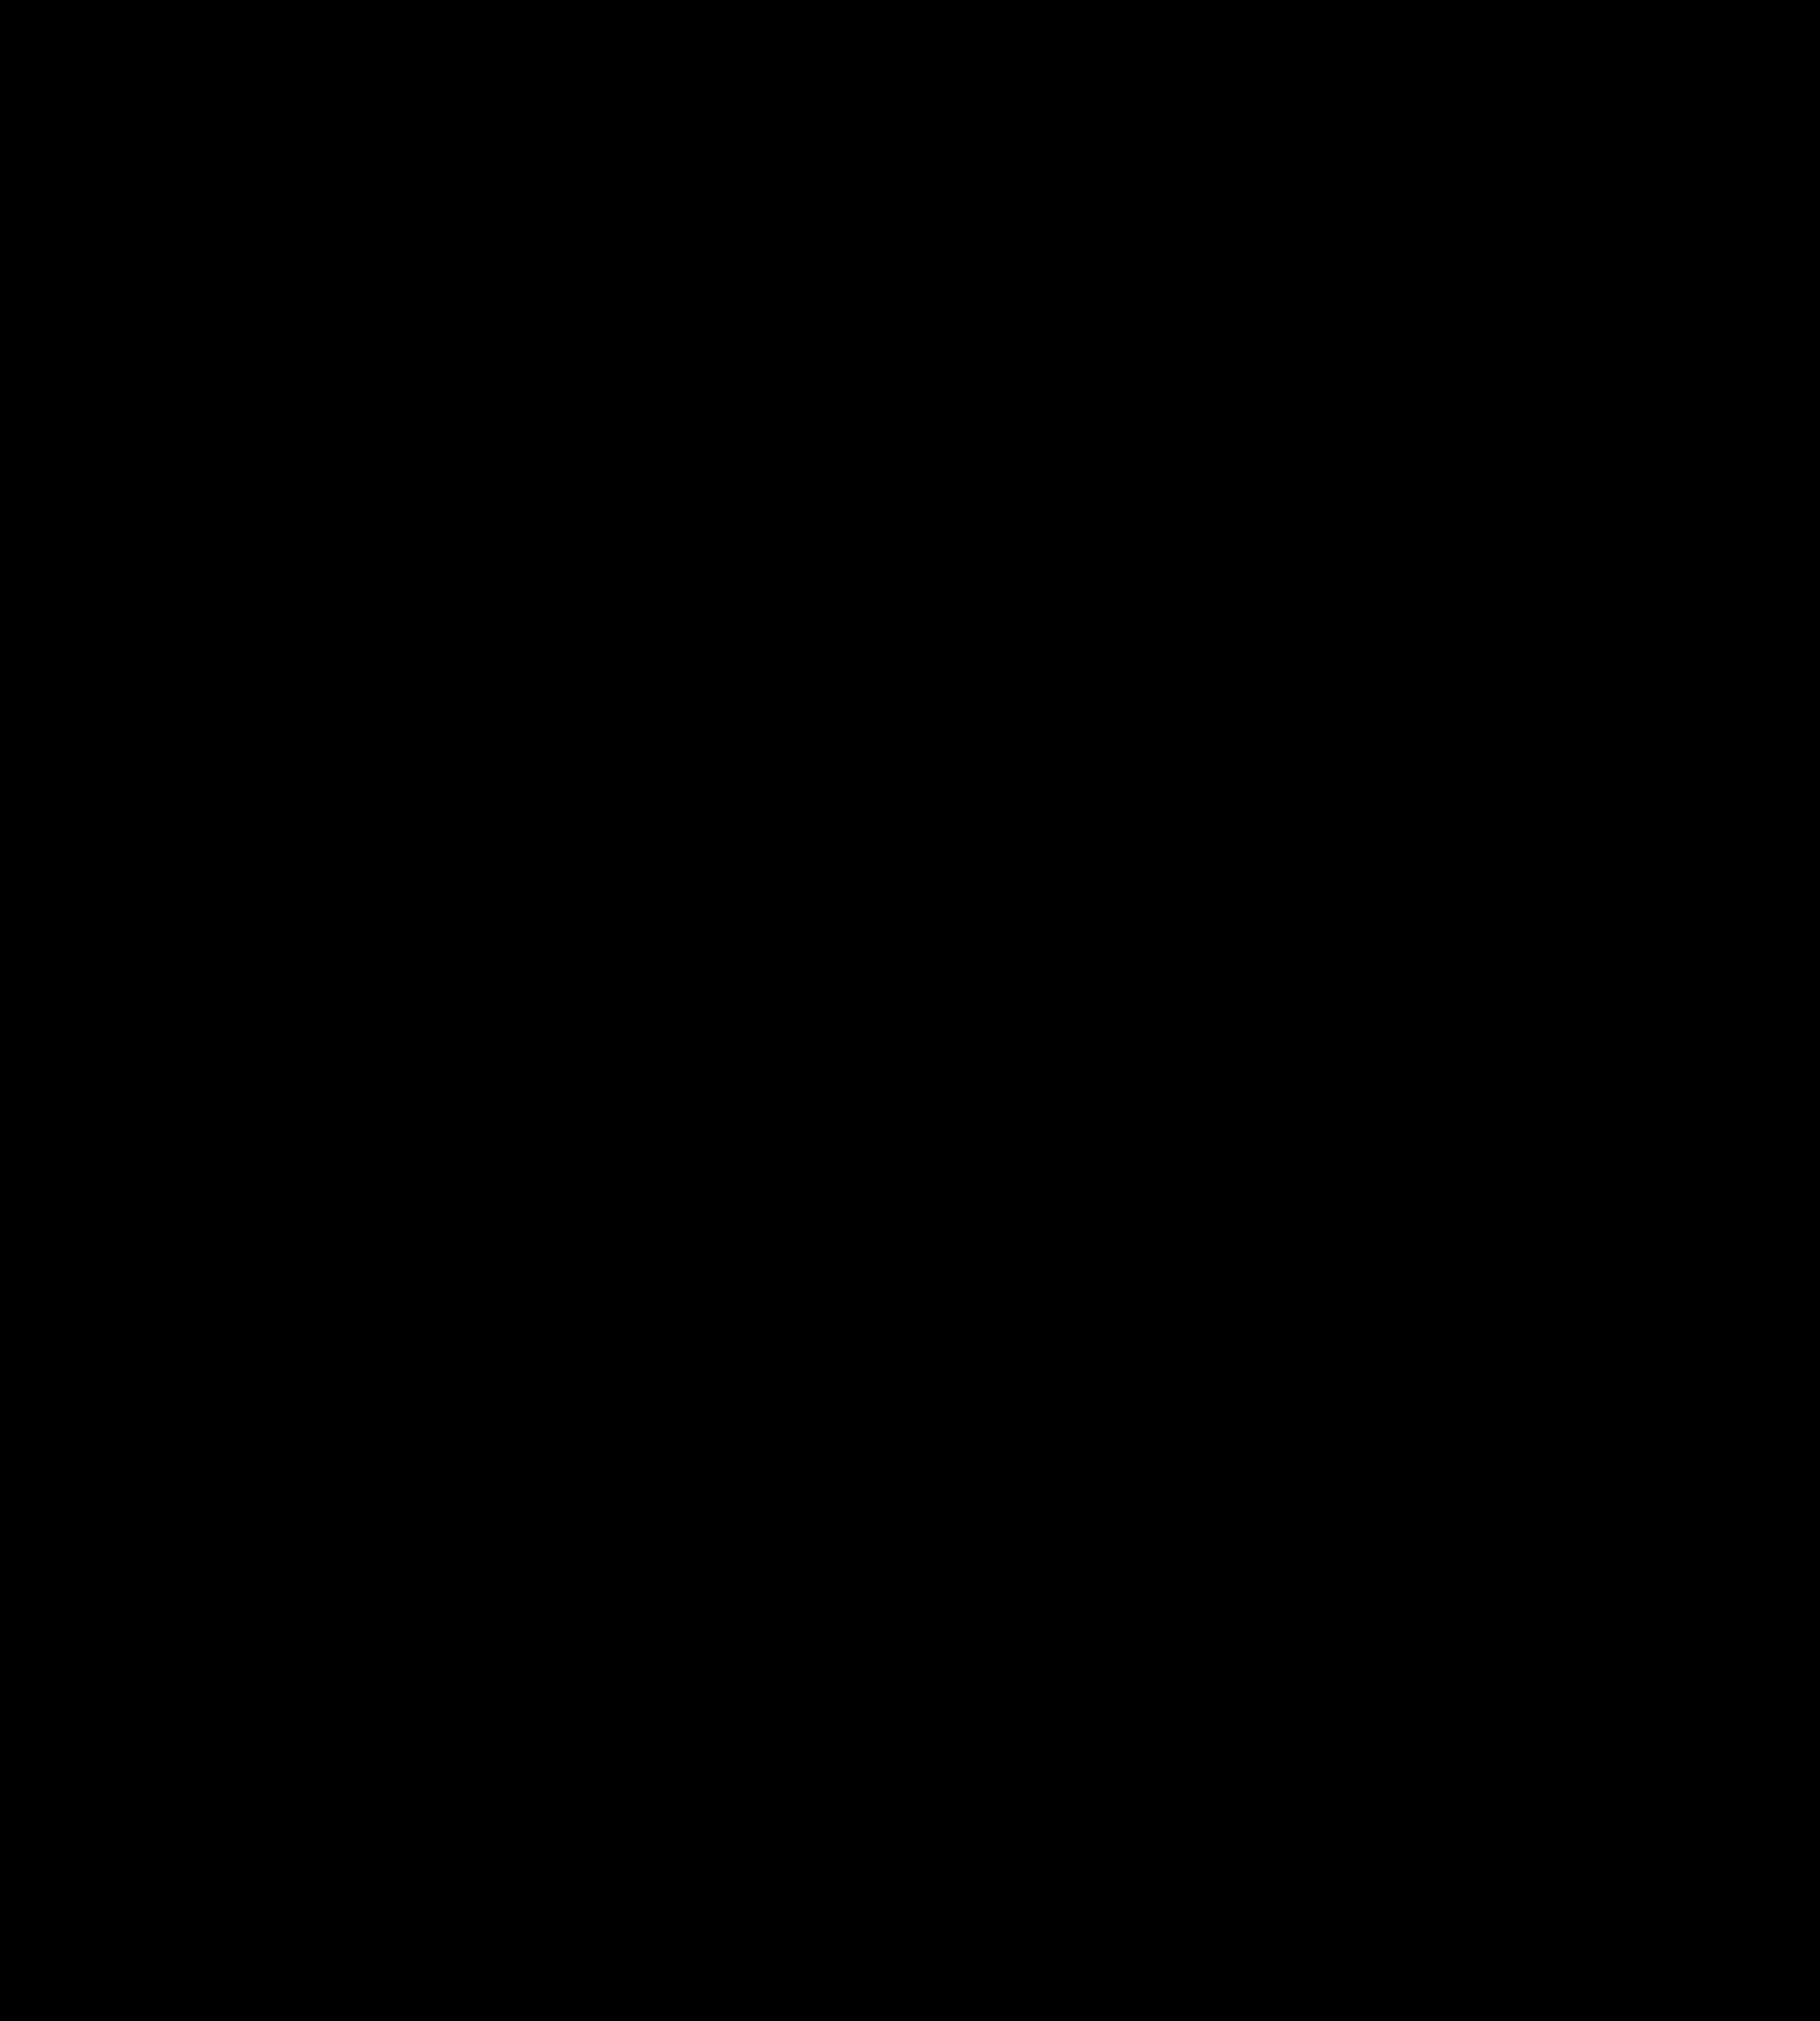 Inga Plönnigs, type design — Q...